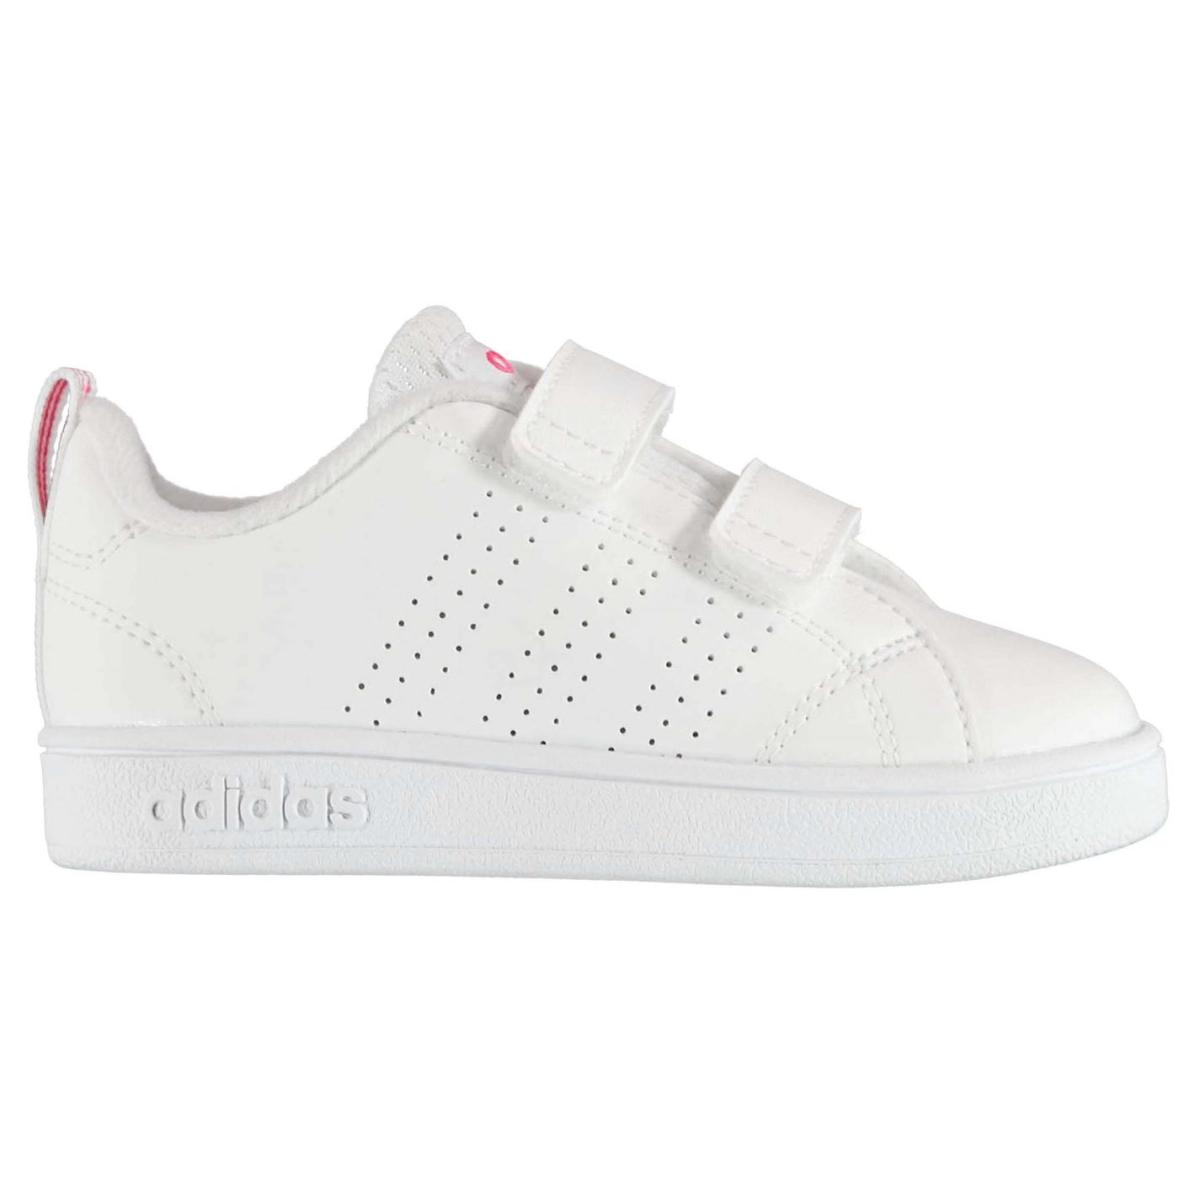 adidas Mädchen Turnschuhe Advantage Clean Weiß_Pink